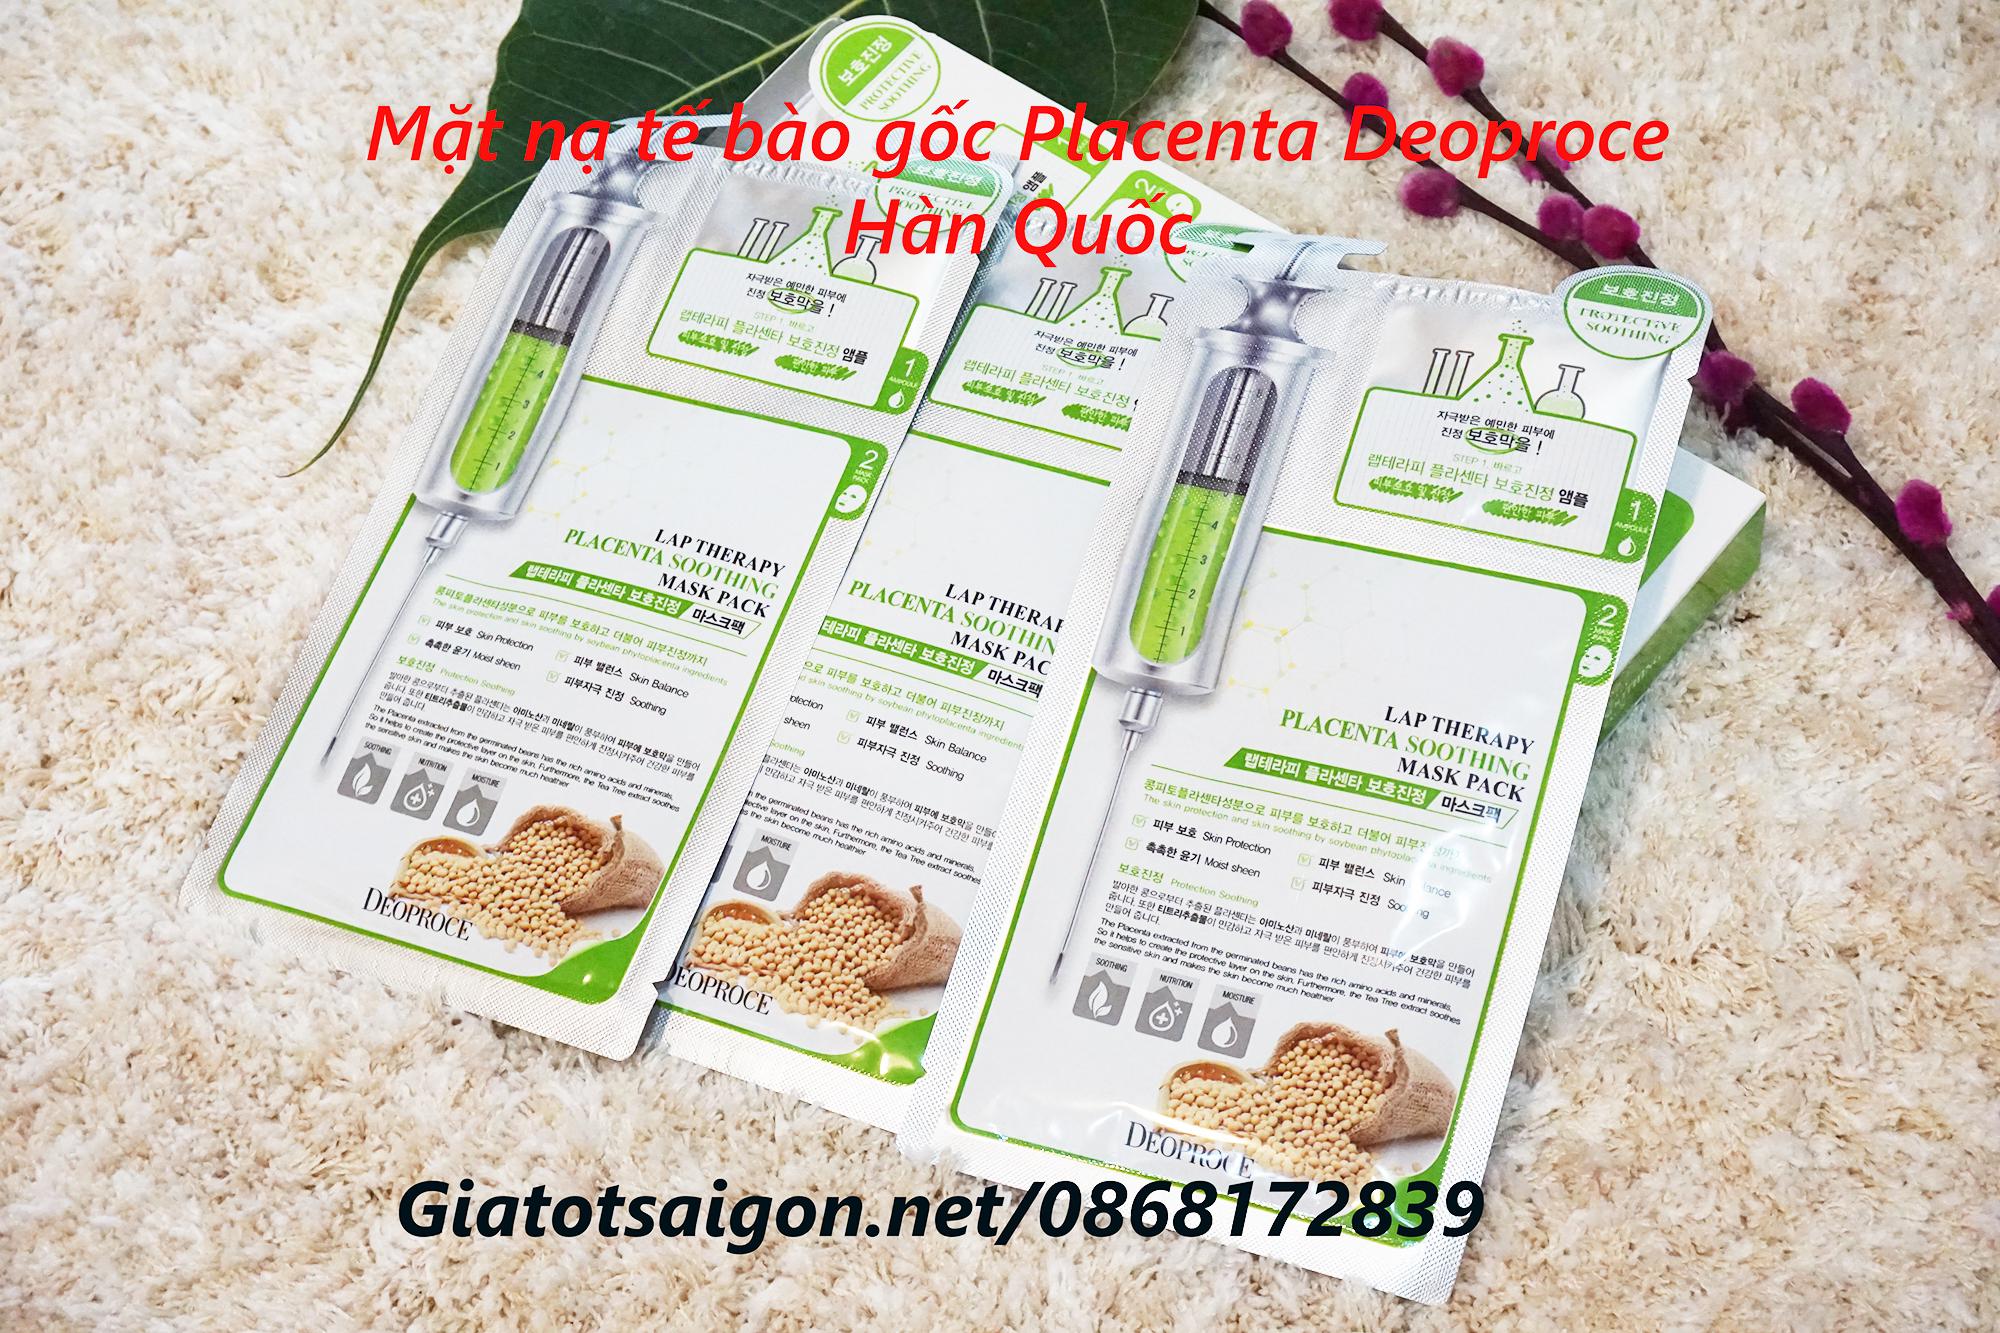 Mặt nạ Placenta tế bào gốc Deoproce Hàn Quốc